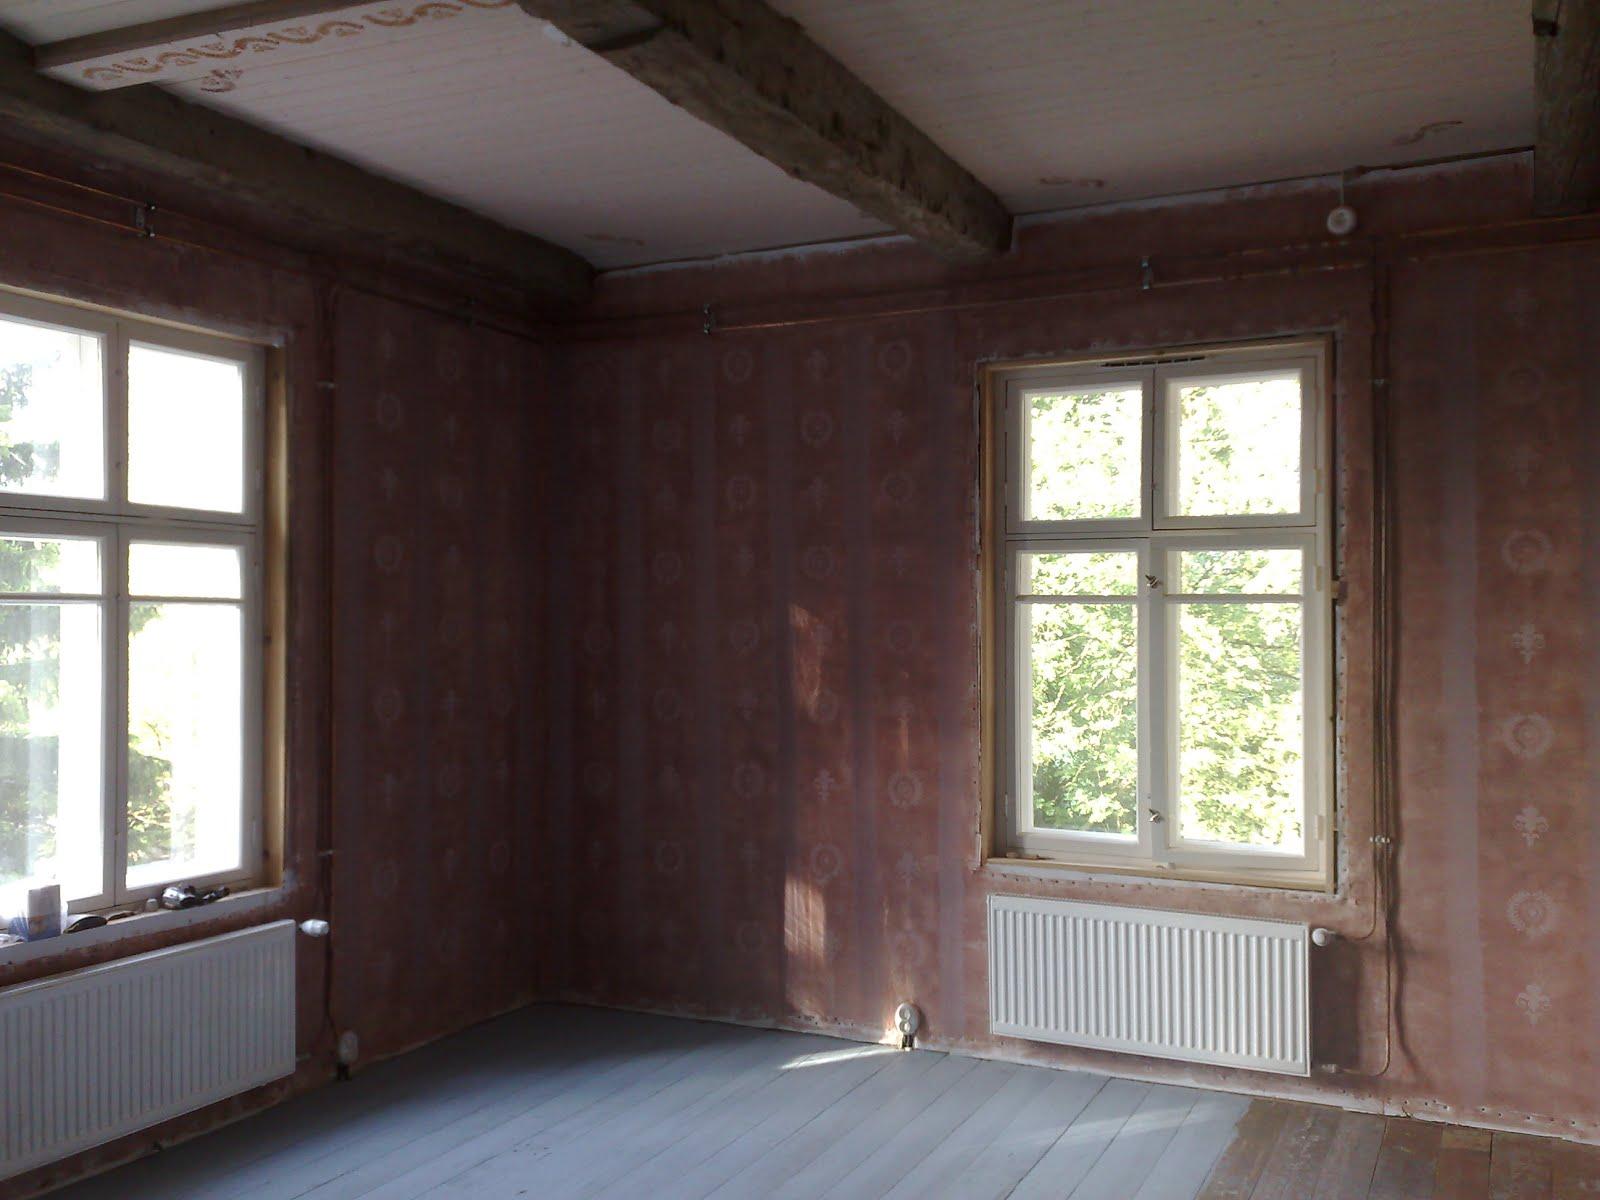 Kaseiinimaalilla vastamaalattua olohuoneen seinää kauempaa